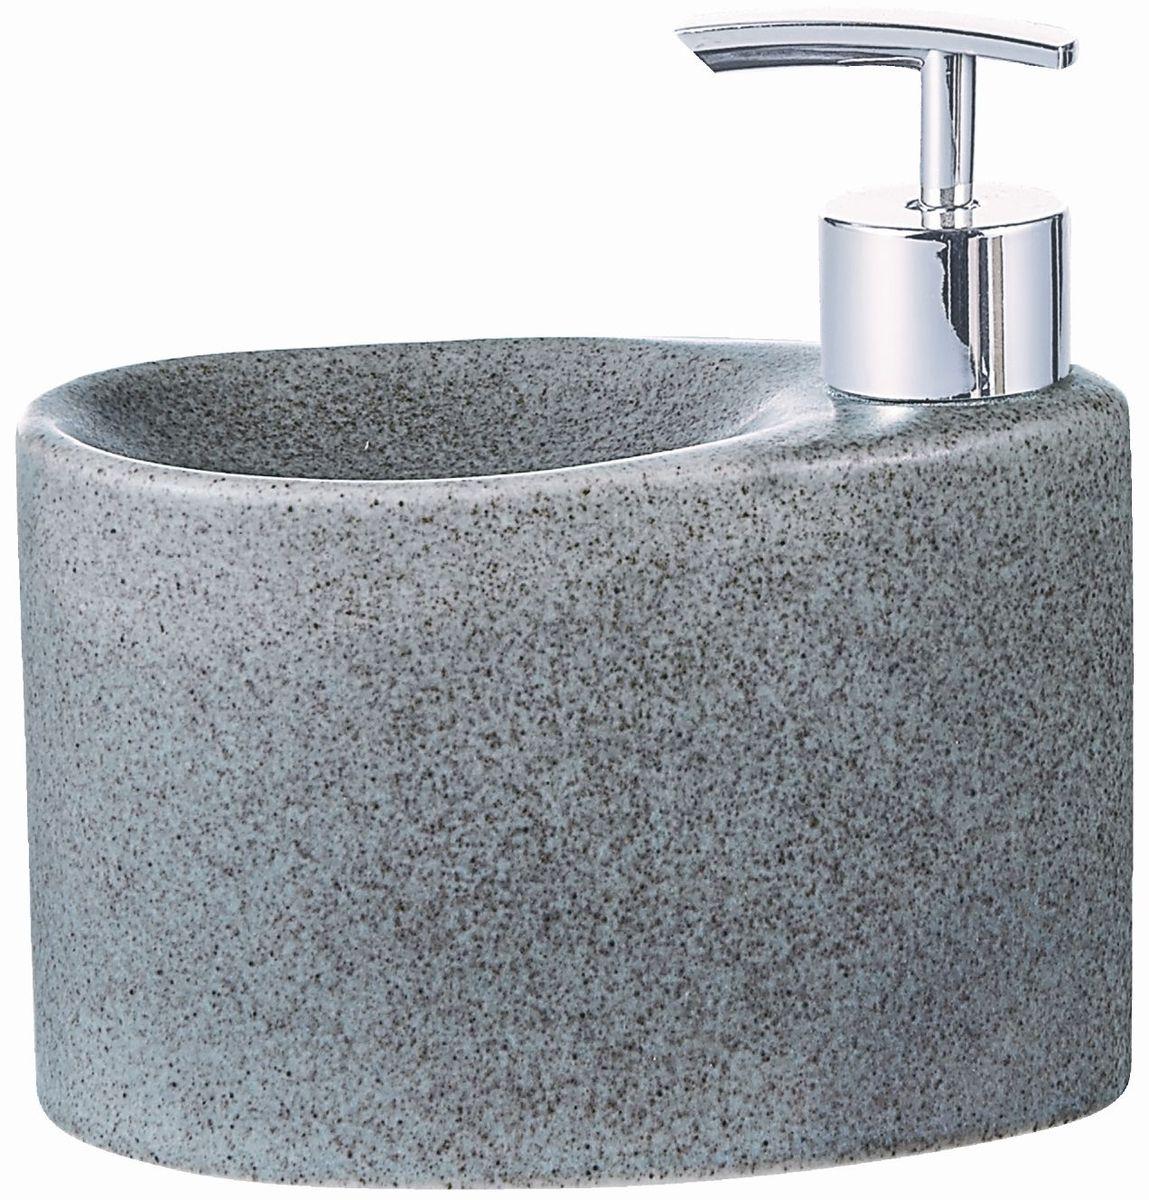 Дозатор для жидкого мыла Elrington, с подставкой для губки. FJH-10772-A203FJH-10772-A203